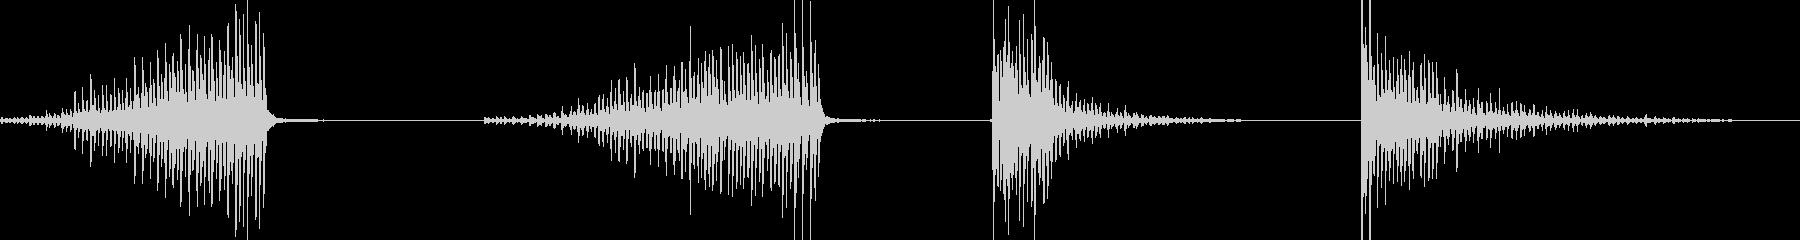 ドラム、スネア、ロール、ブラシ、4...の未再生の波形